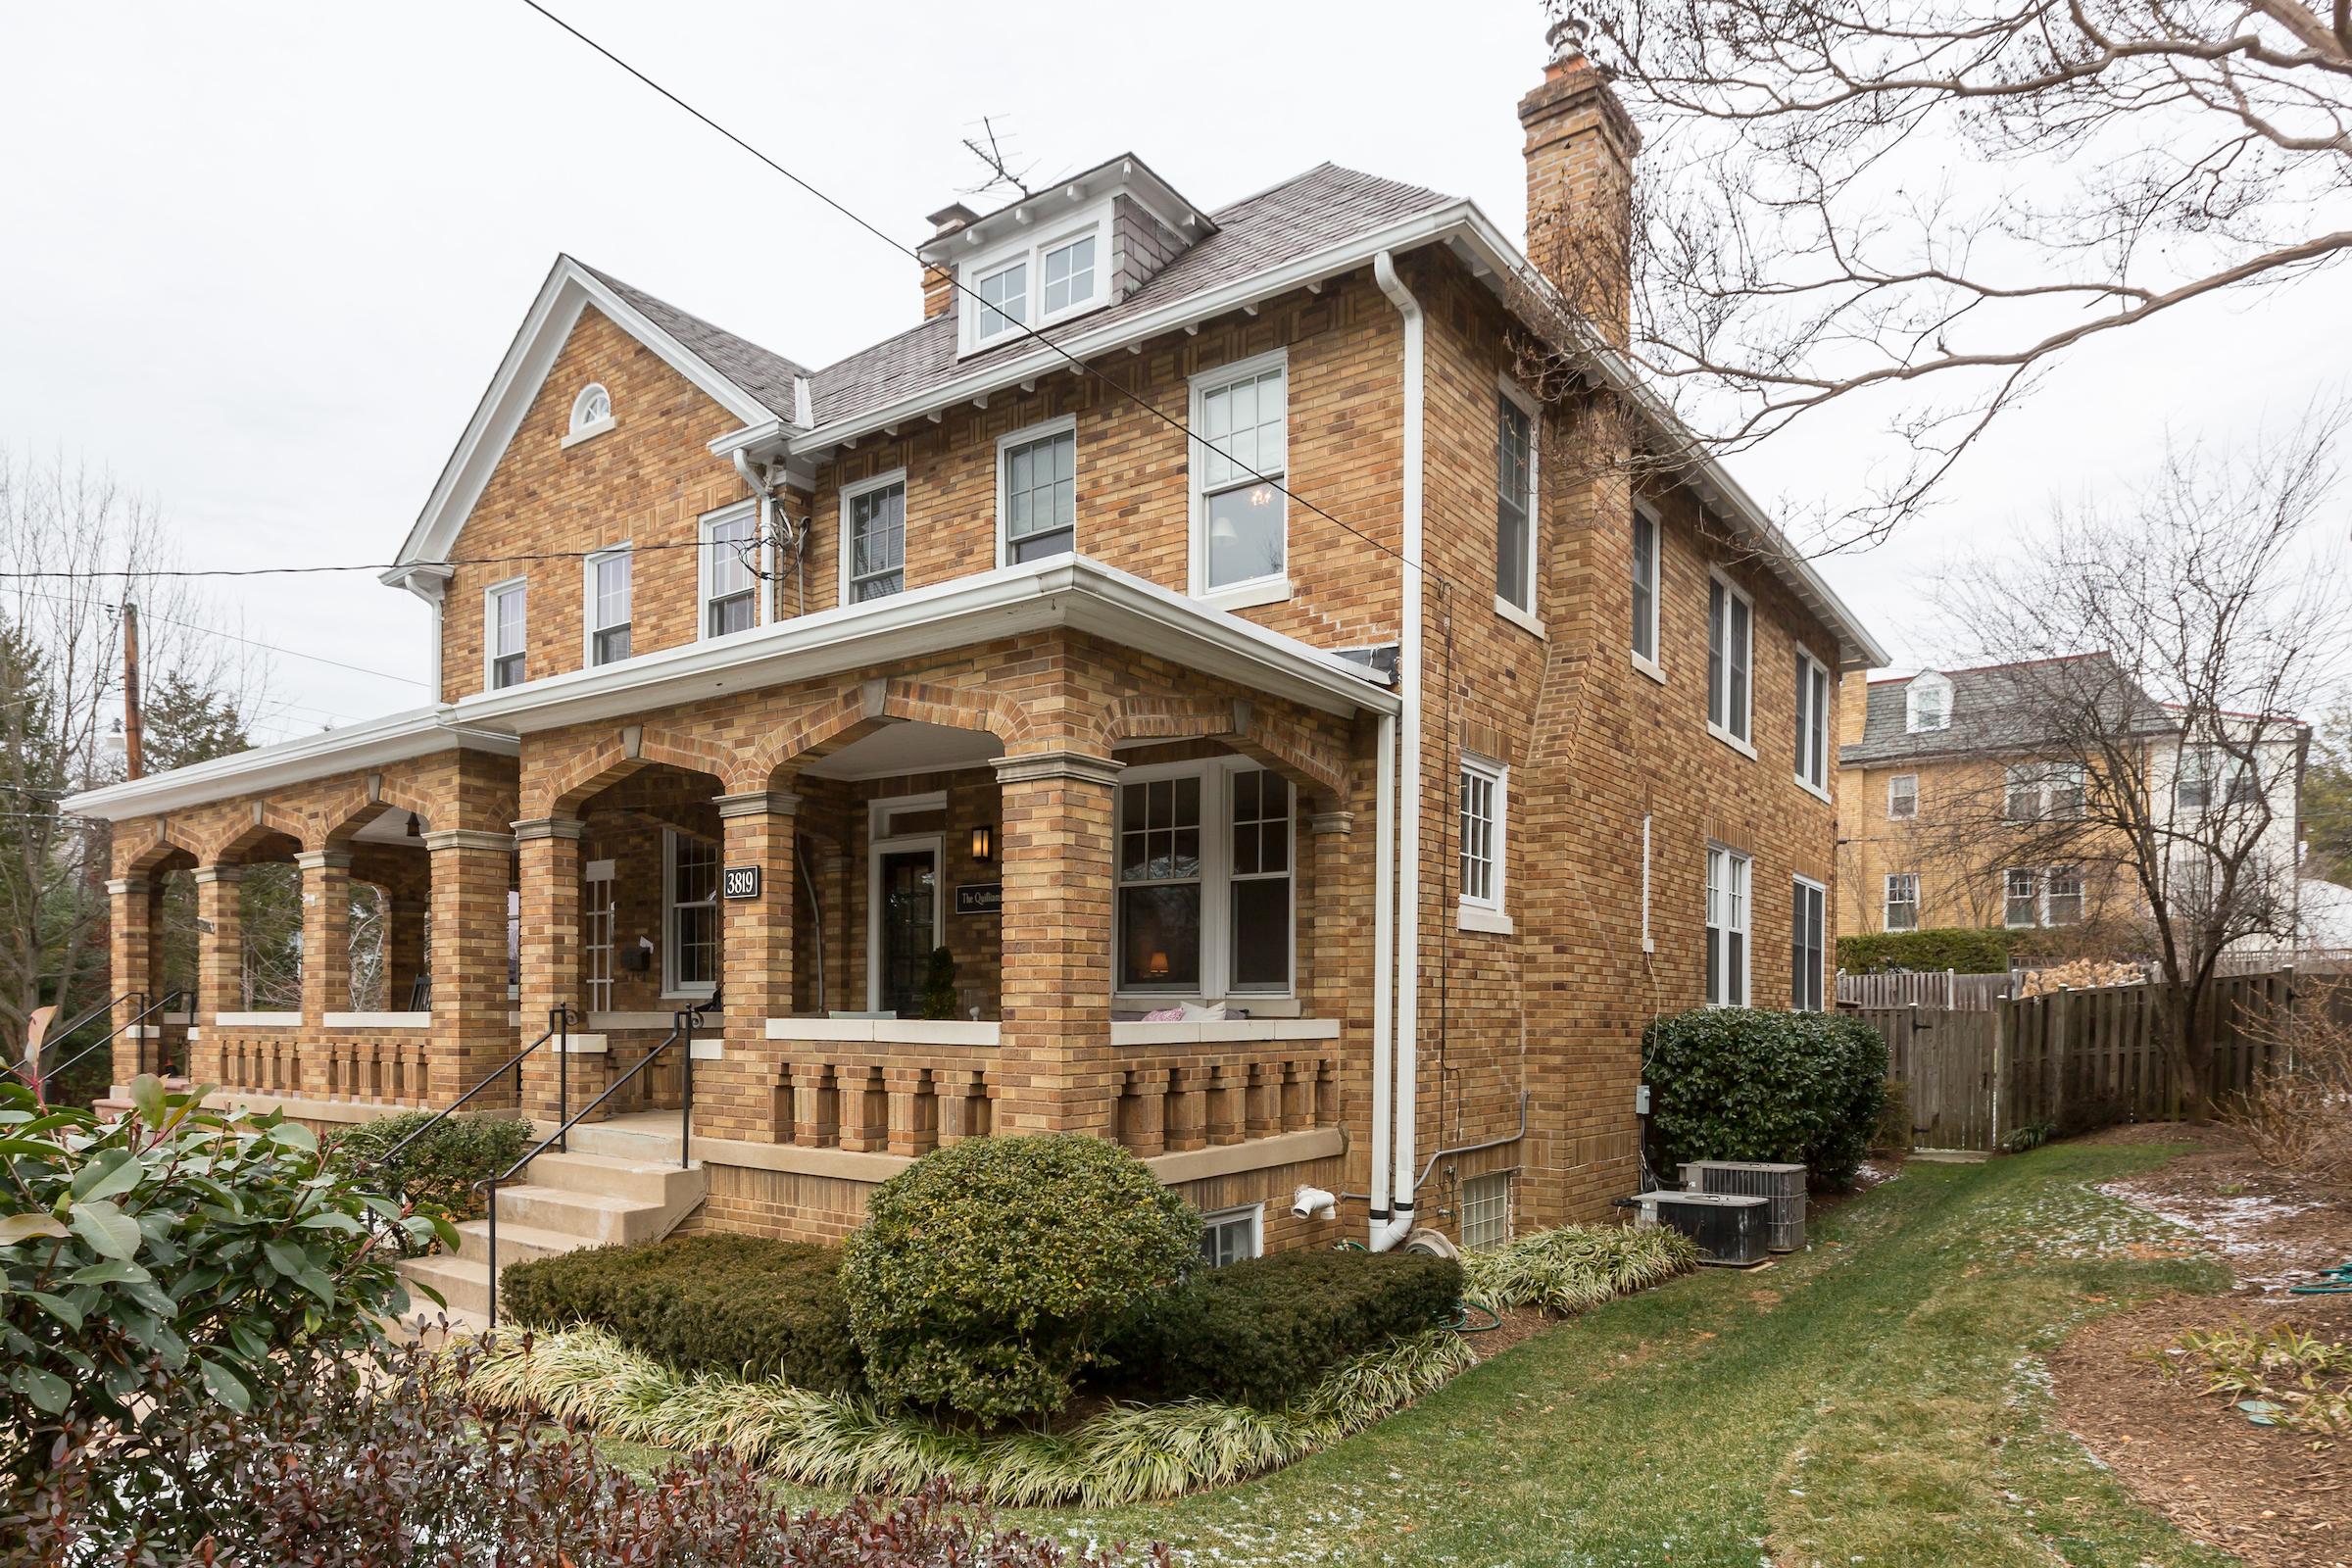 联栋屋 为 销售 在 3819 Garfield Street Nw, Washington 华盛顿市, 哥伦比亚特区, 20007 美国